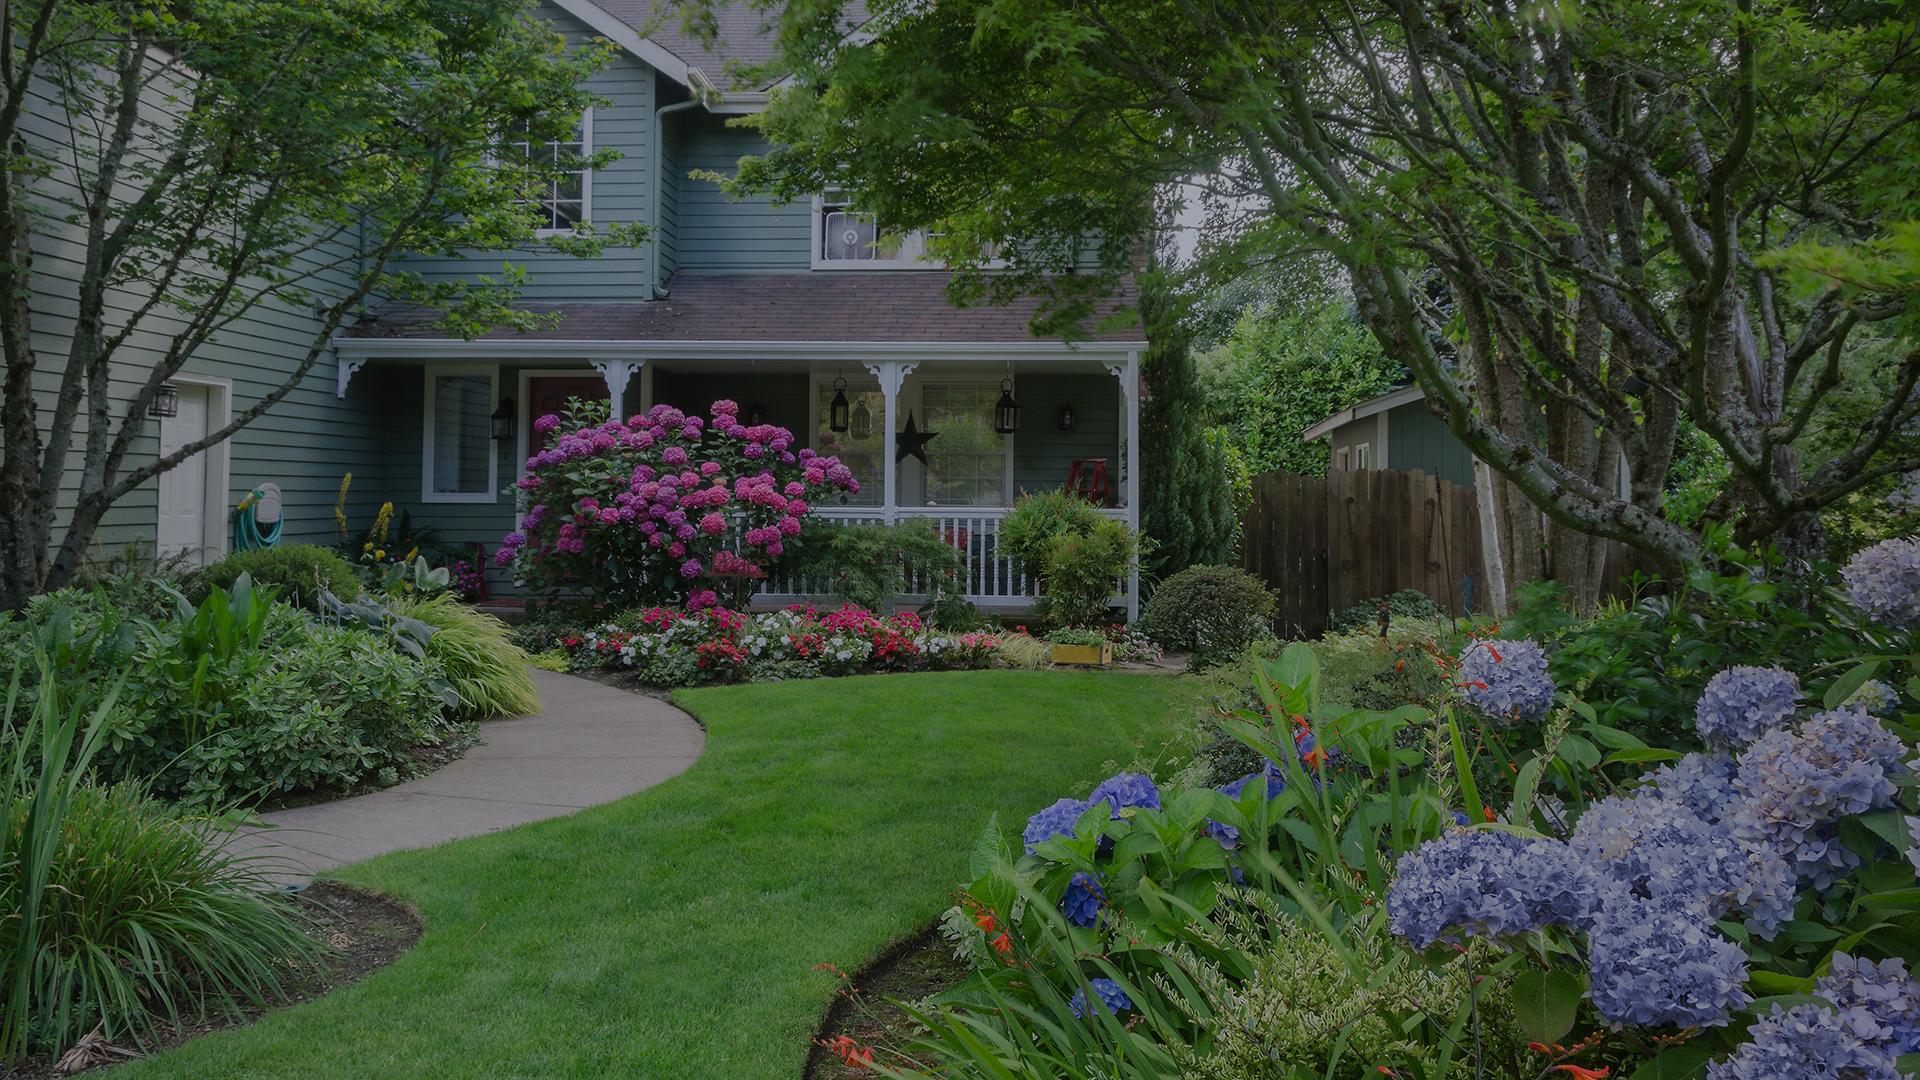 landscaping design company in addison il